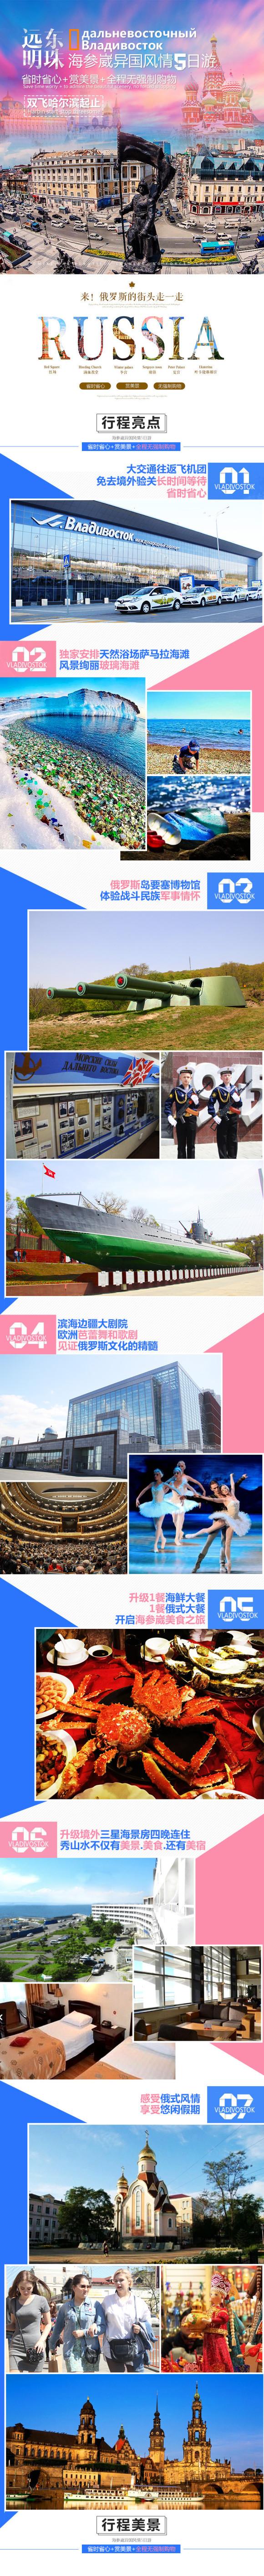 第1天 哈尔滨 -海参崴 7:30 太平机场 四川航空3u8293 11:00 符拉迪